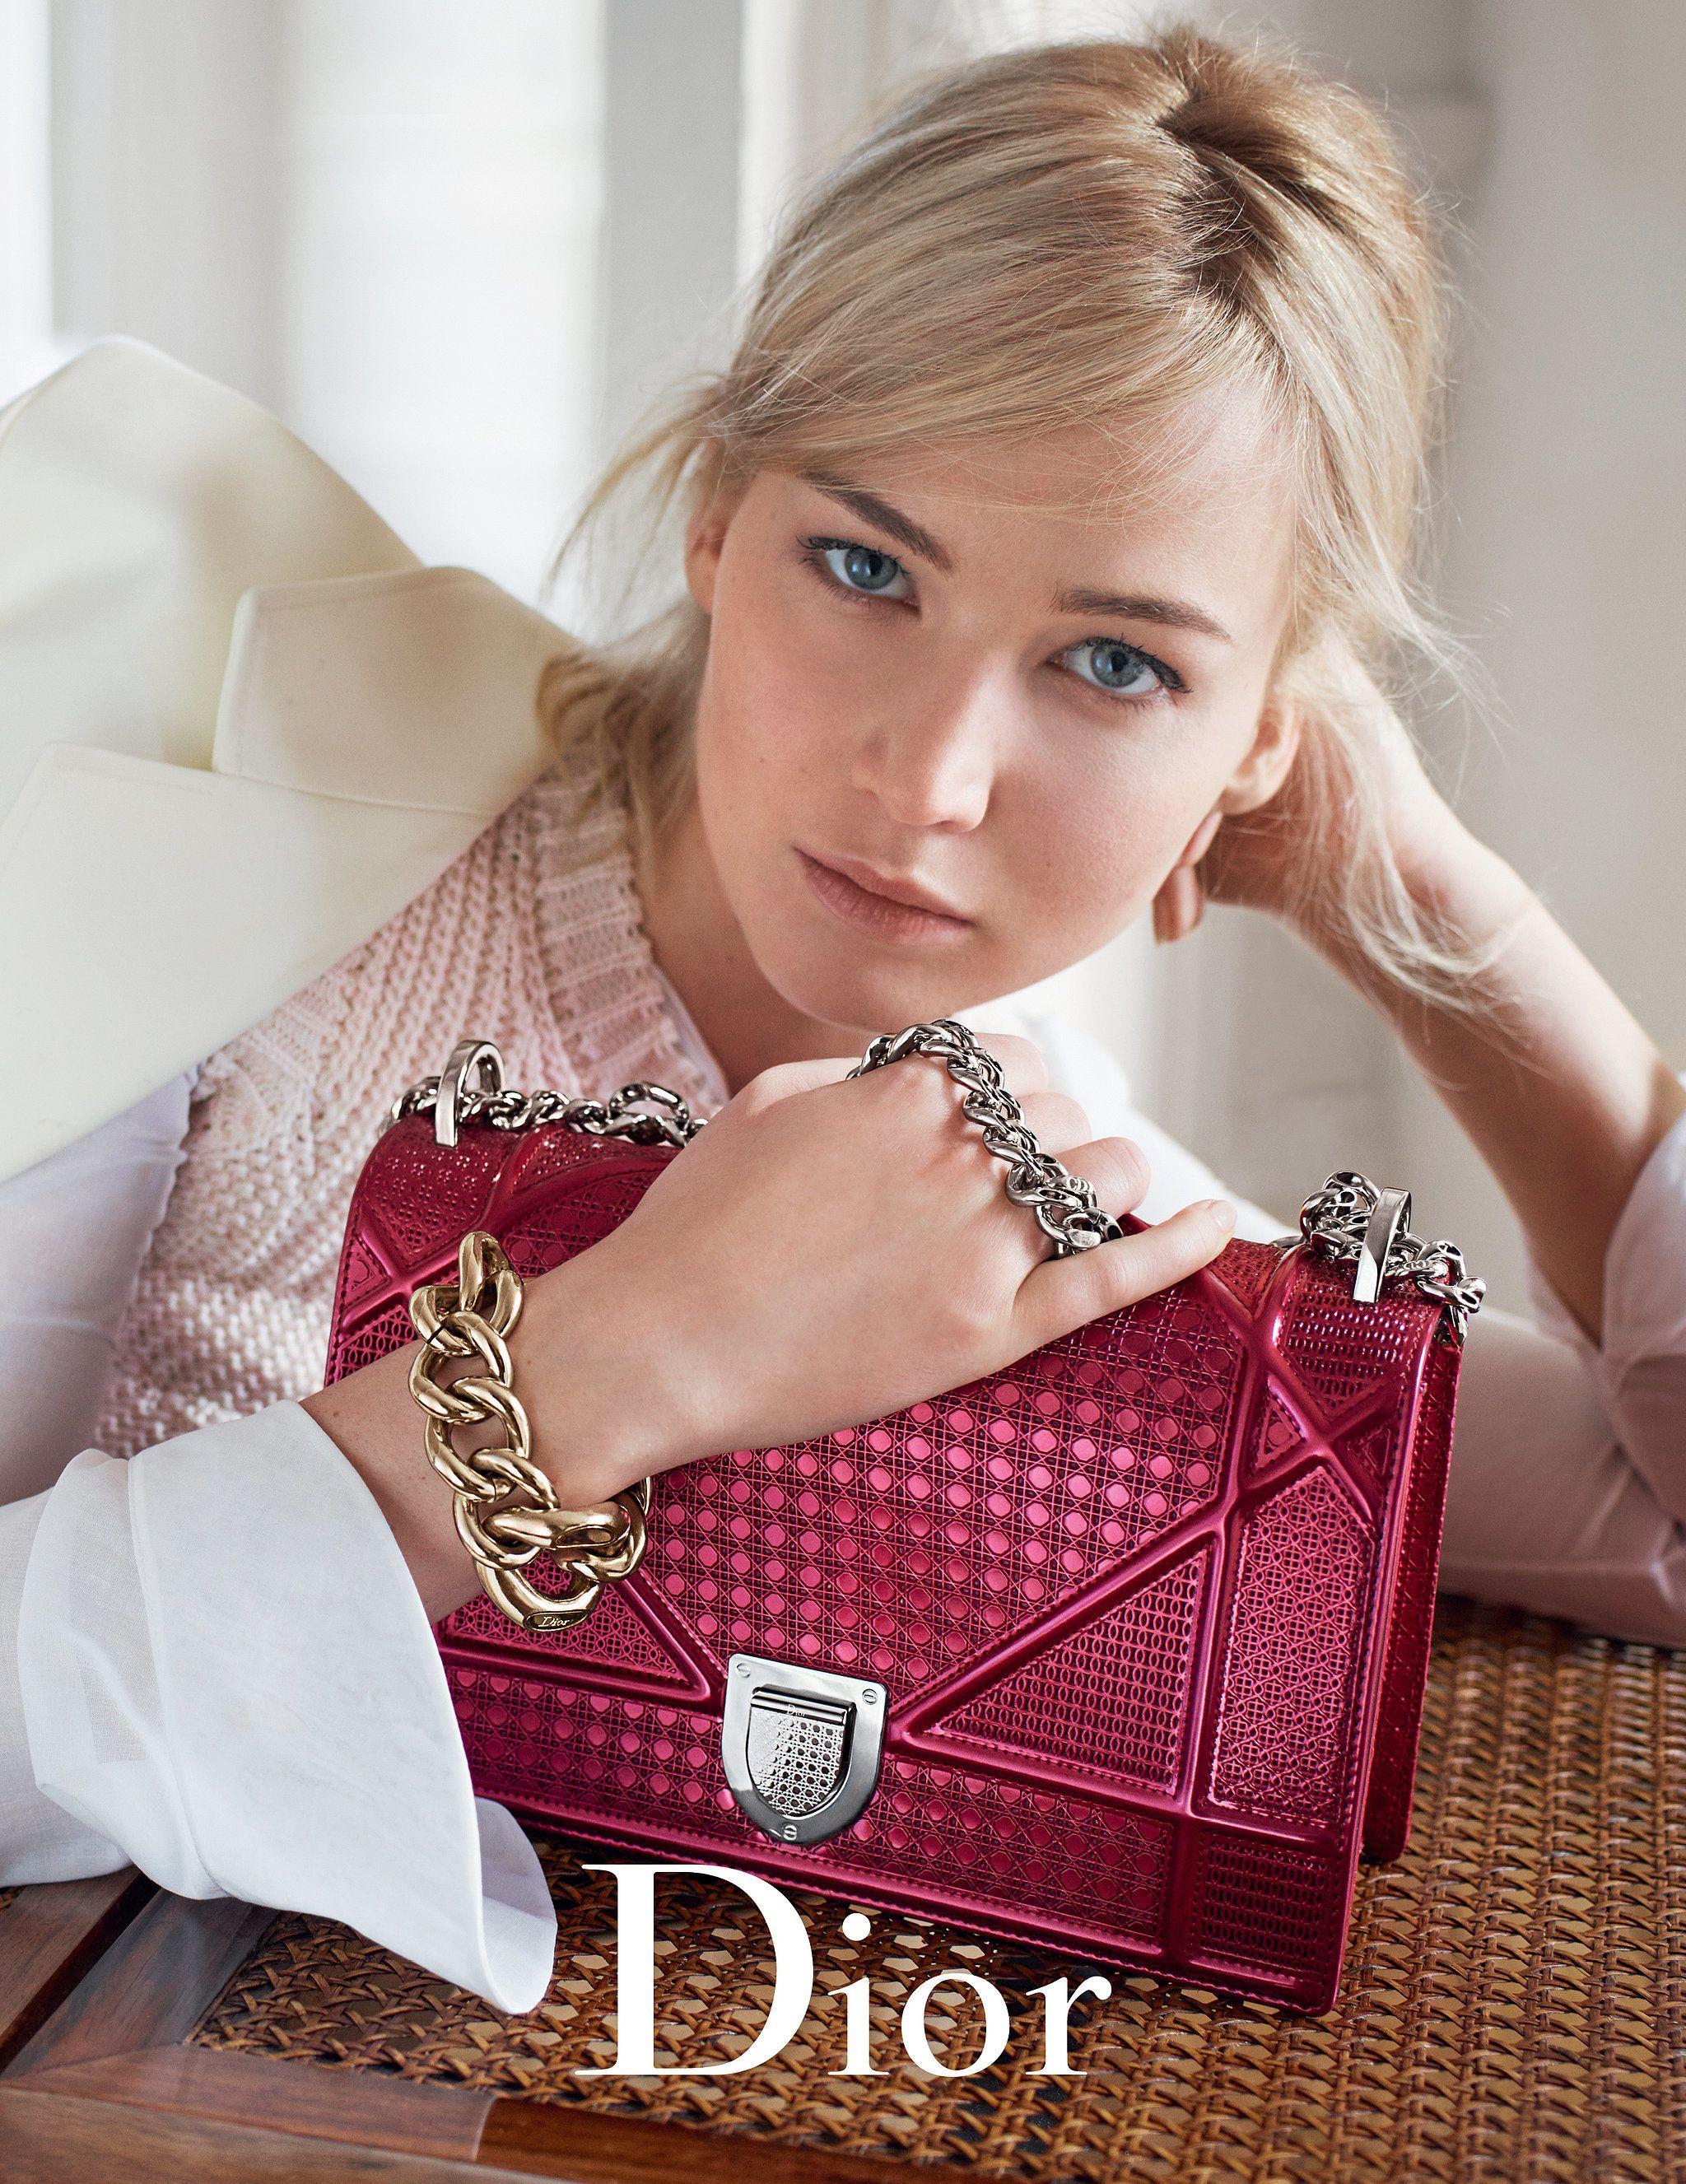 To acquire Clarke emilia christian dior jewelry ad campaign picture trends